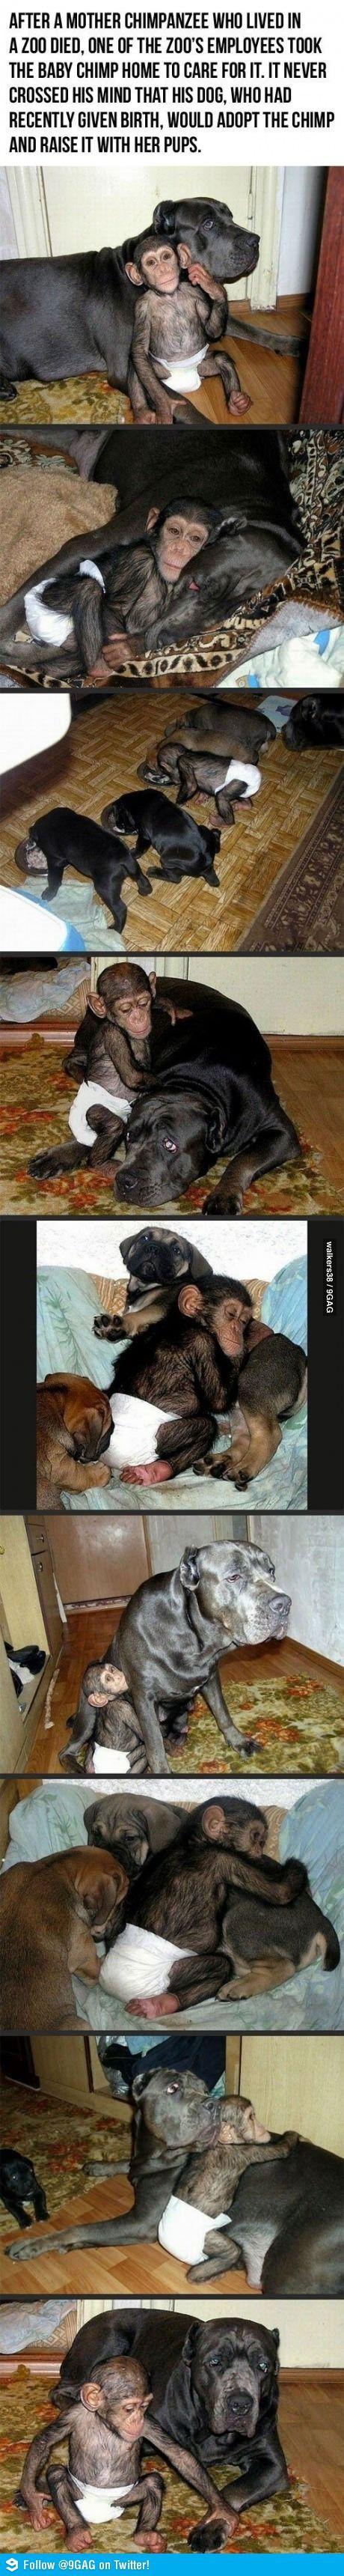 Dog raises baby Chimp